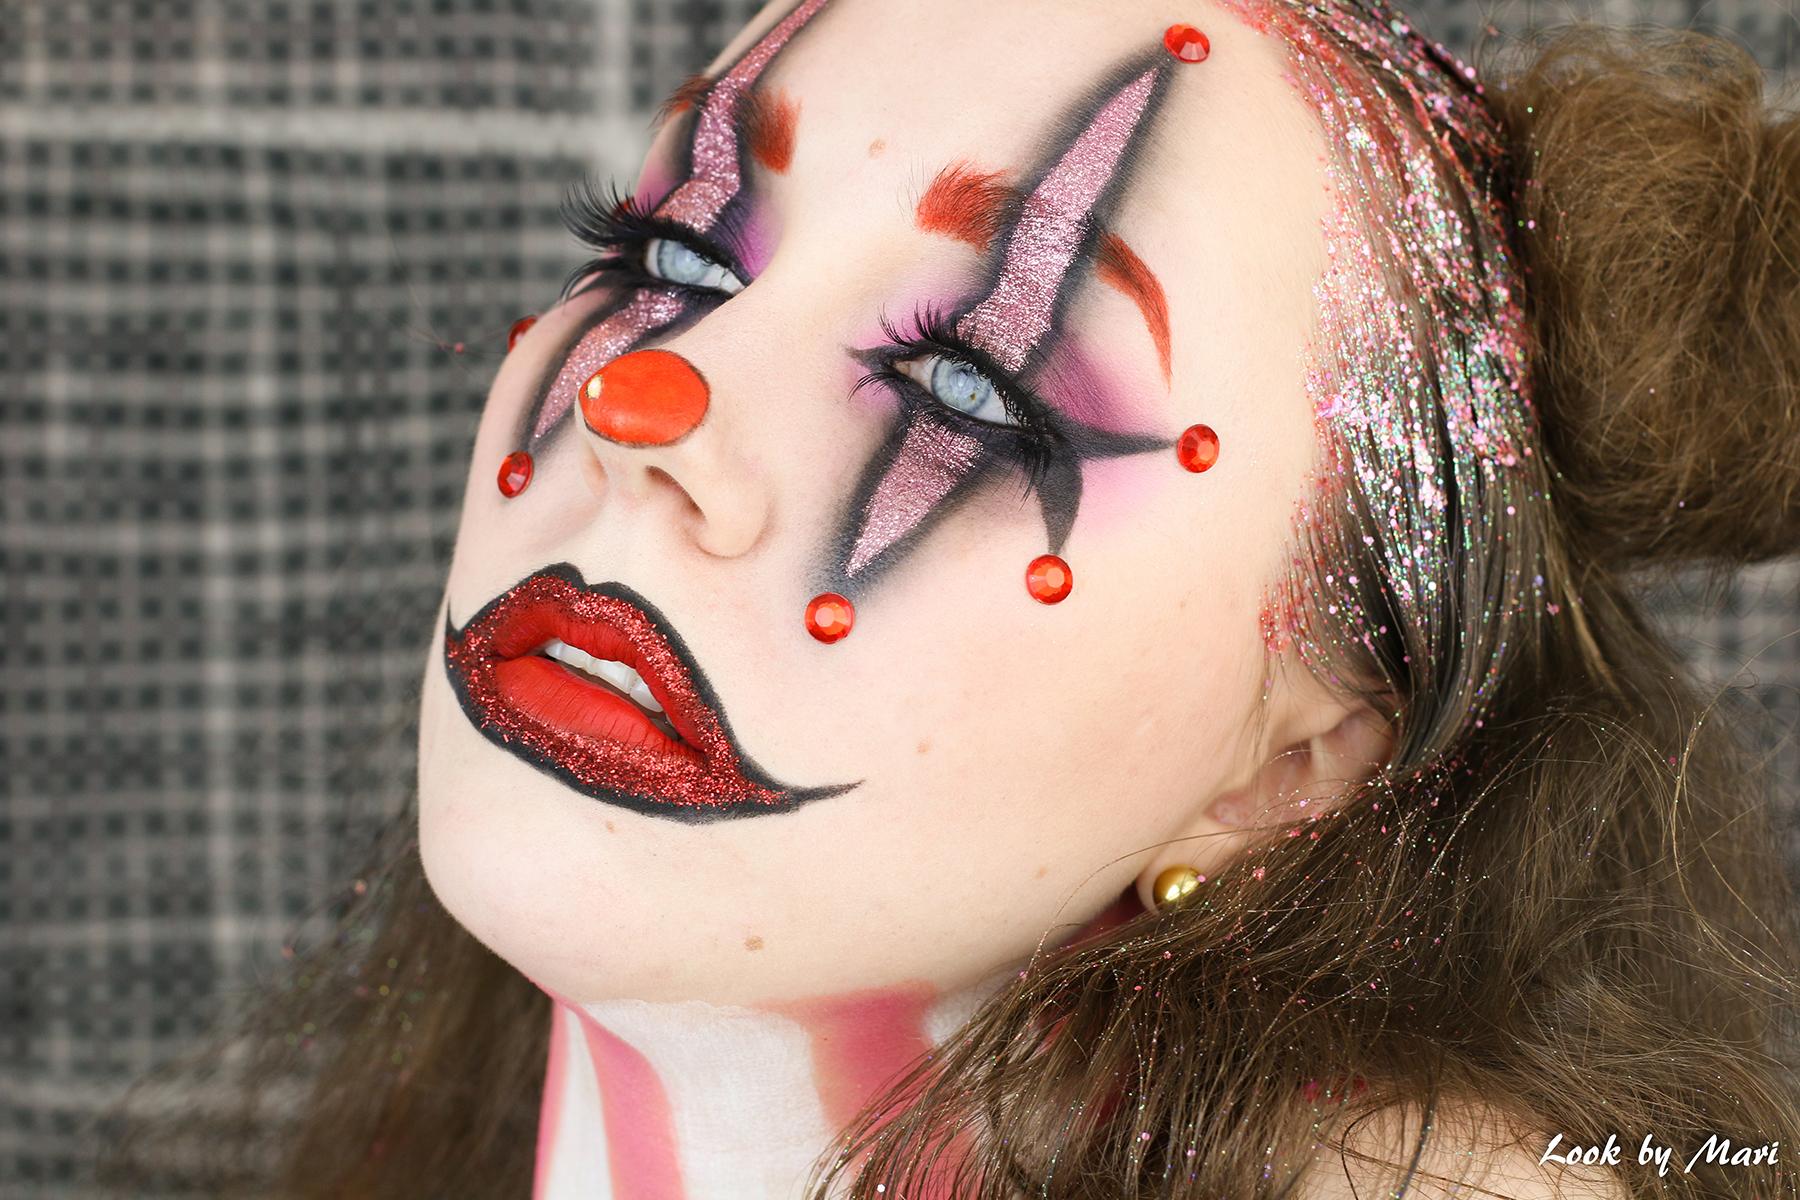 2 pelle meikki tutoriaali helppo aloittelijalle video blogi nätti kaunis pinkki kimaltava